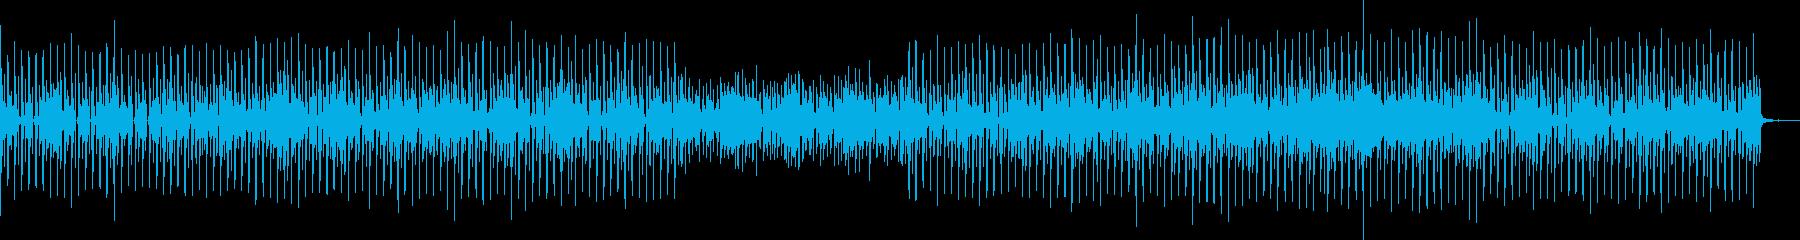 スピード感あってわくわくするメロディーの再生済みの波形